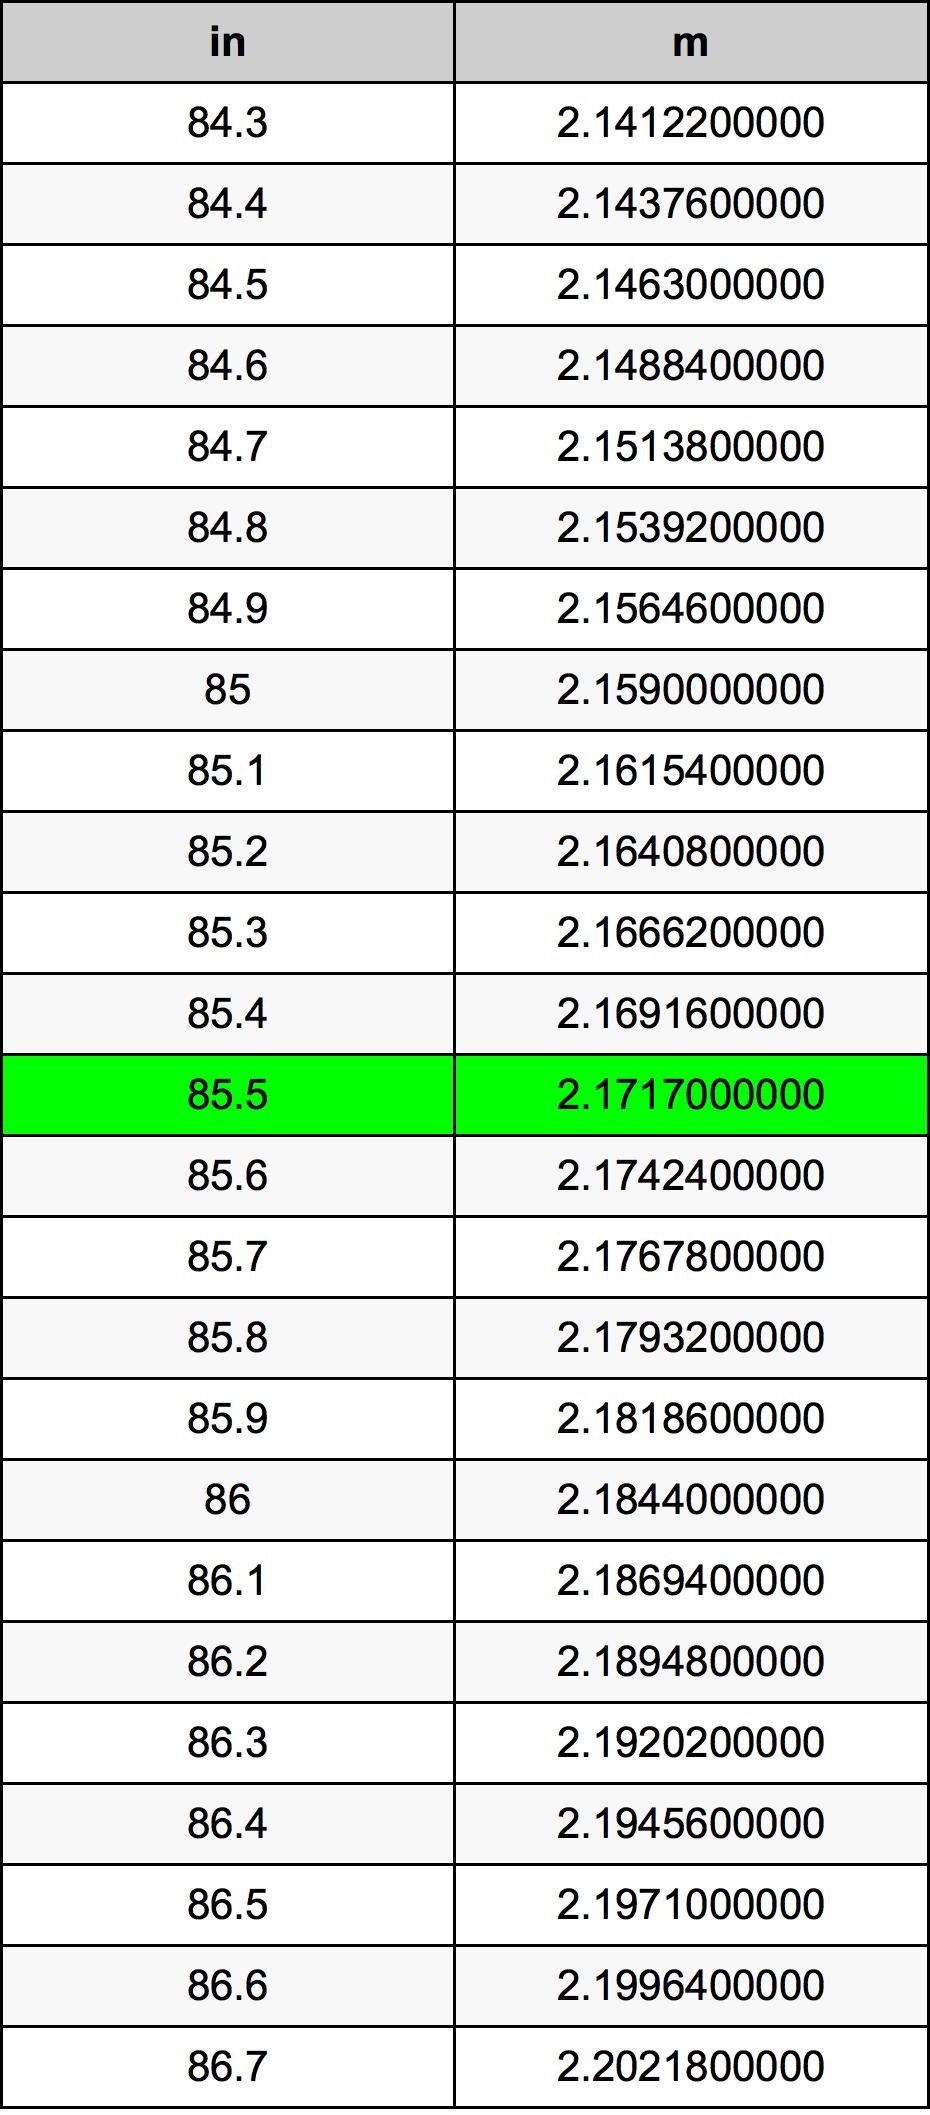 85.5 инч Таблица за преобразуване